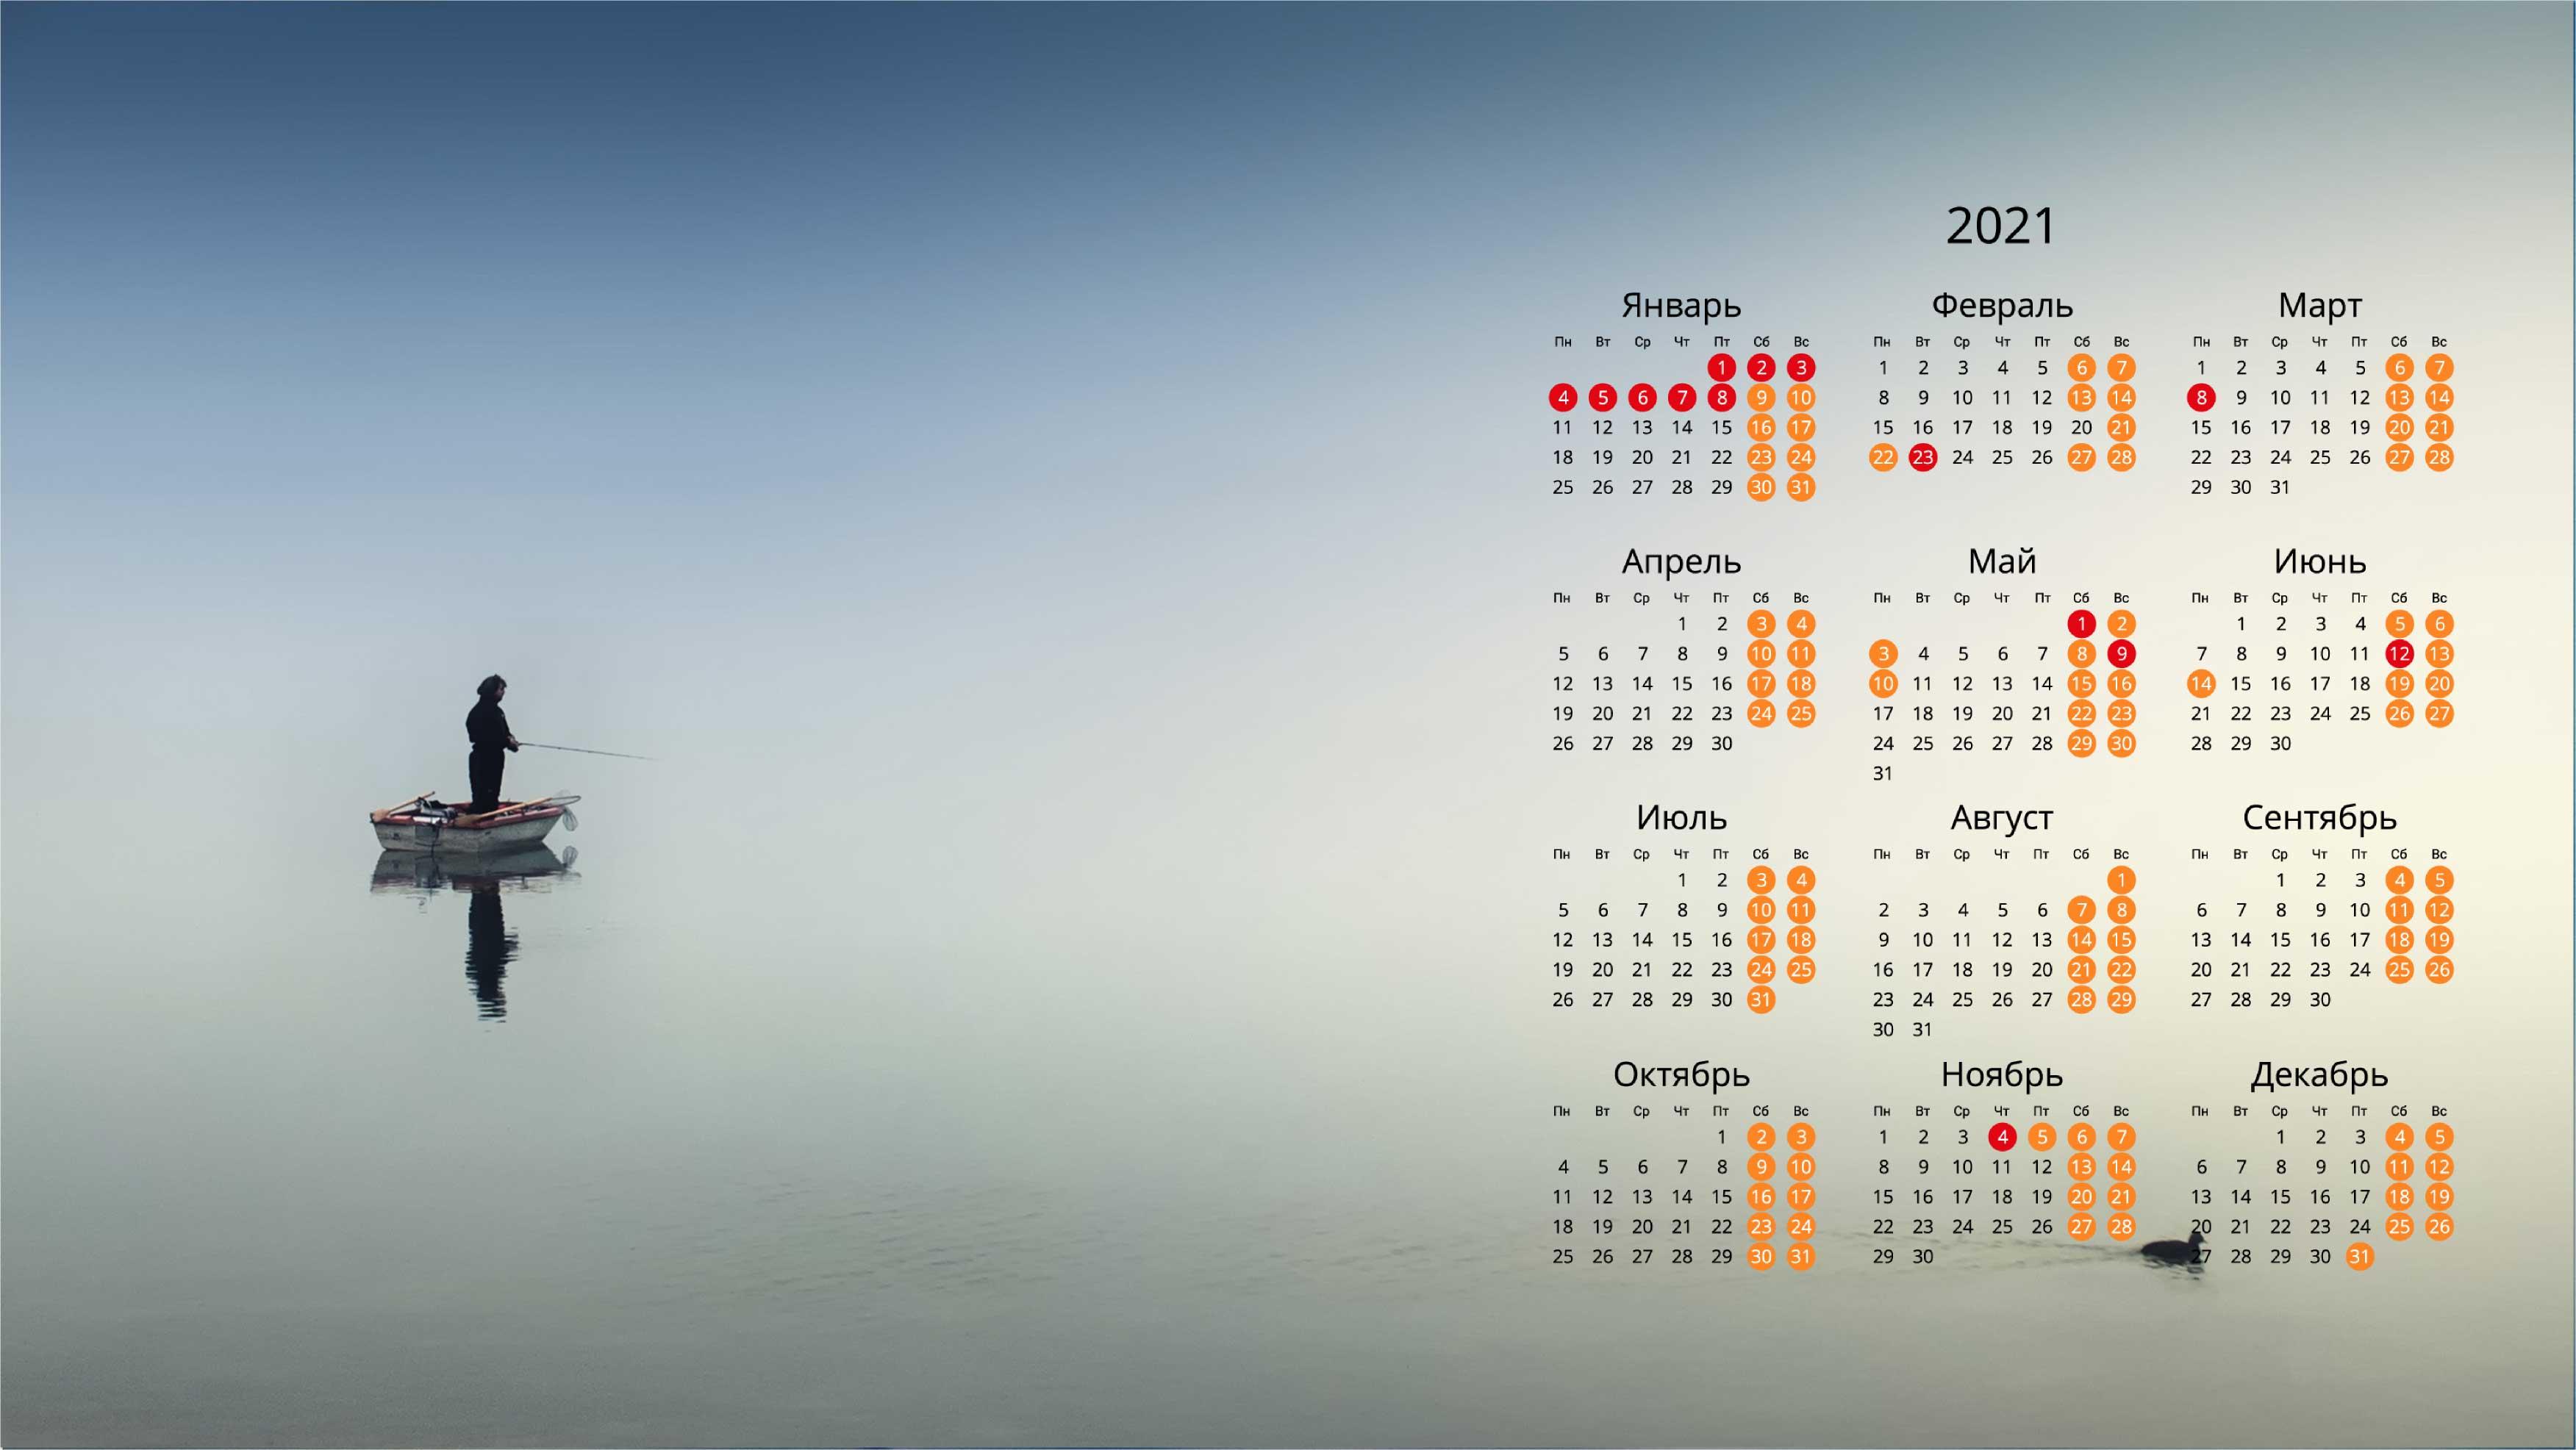 Обои на рабочий стол с календарем 2021 года (19)